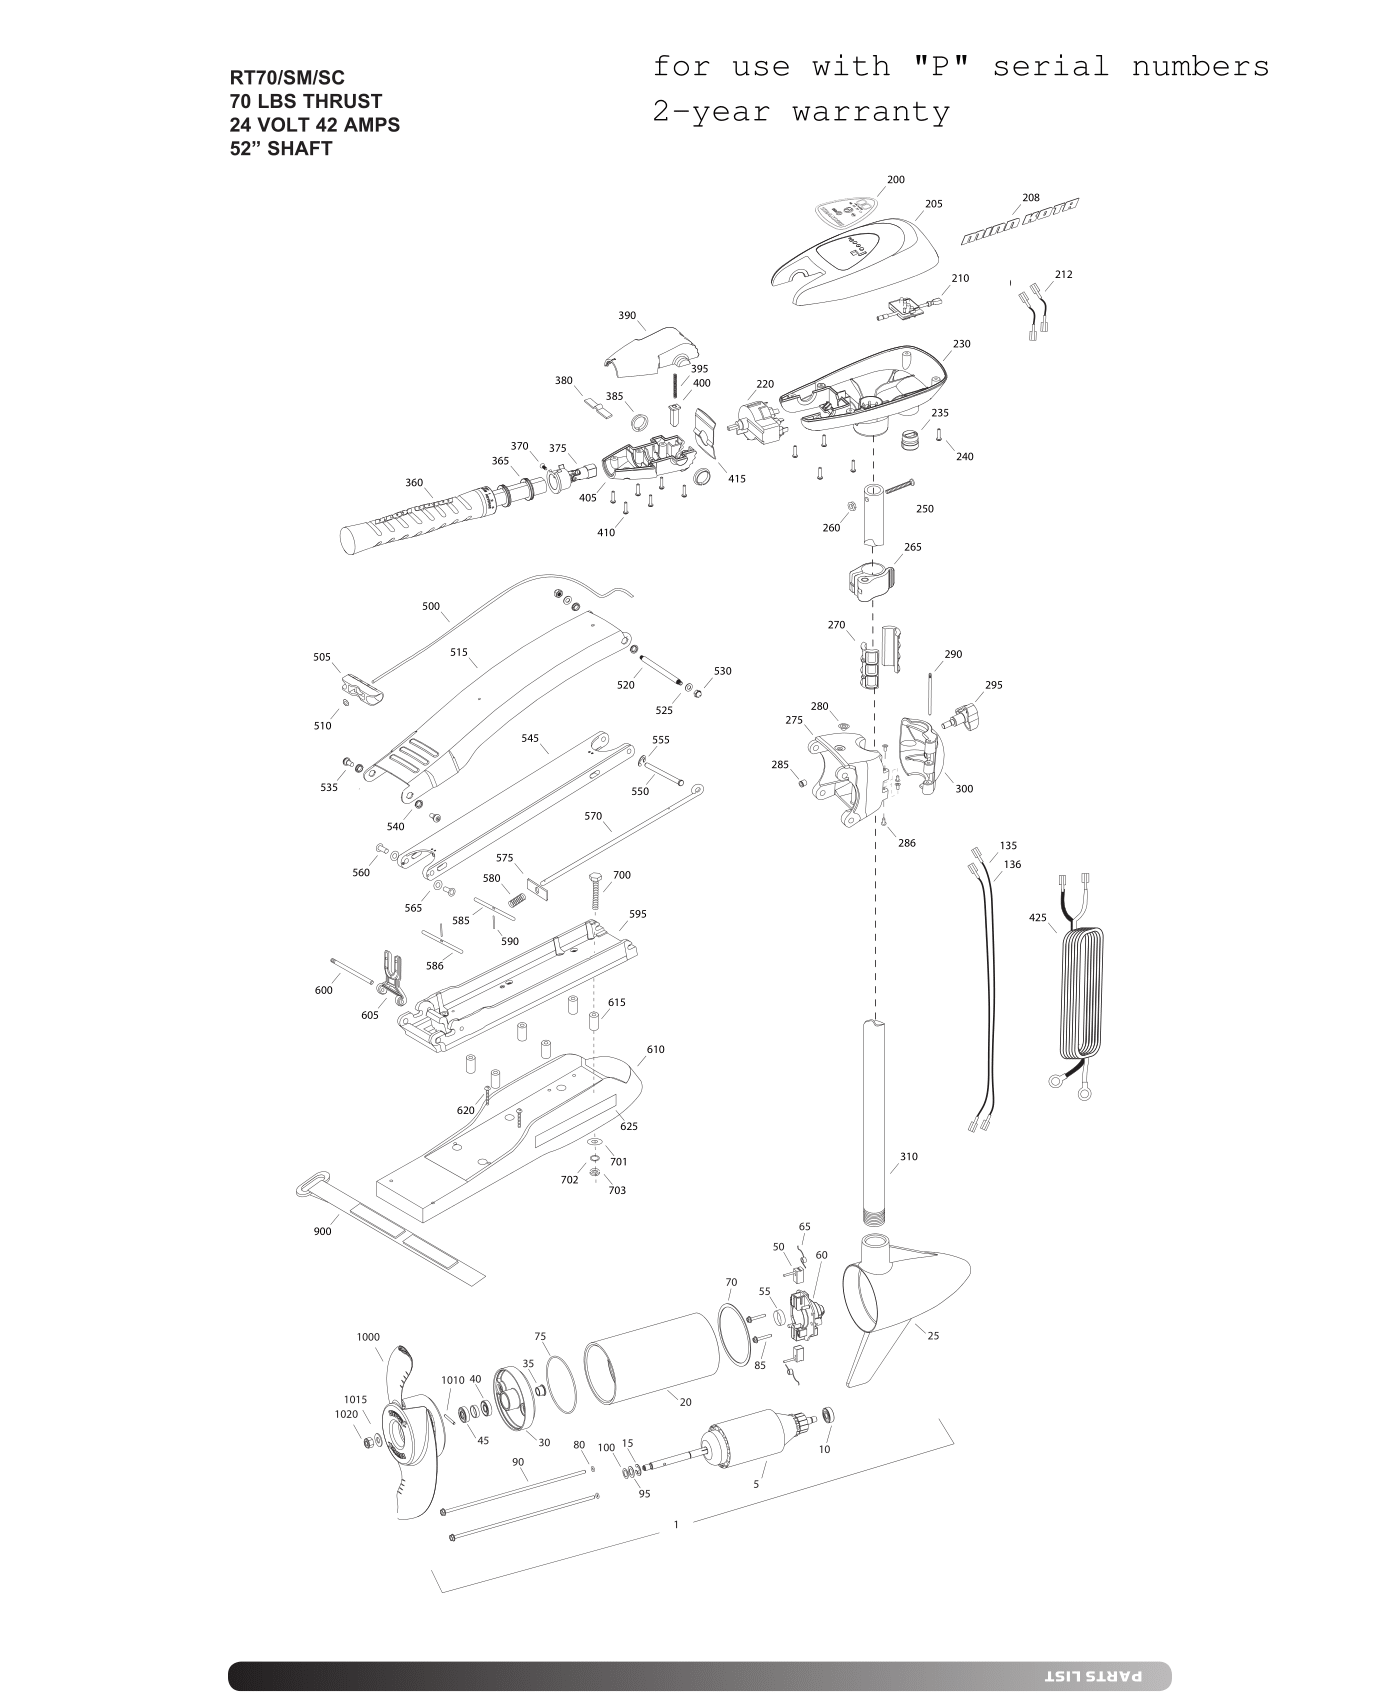 2015-mk-riptide70smsc-1.png